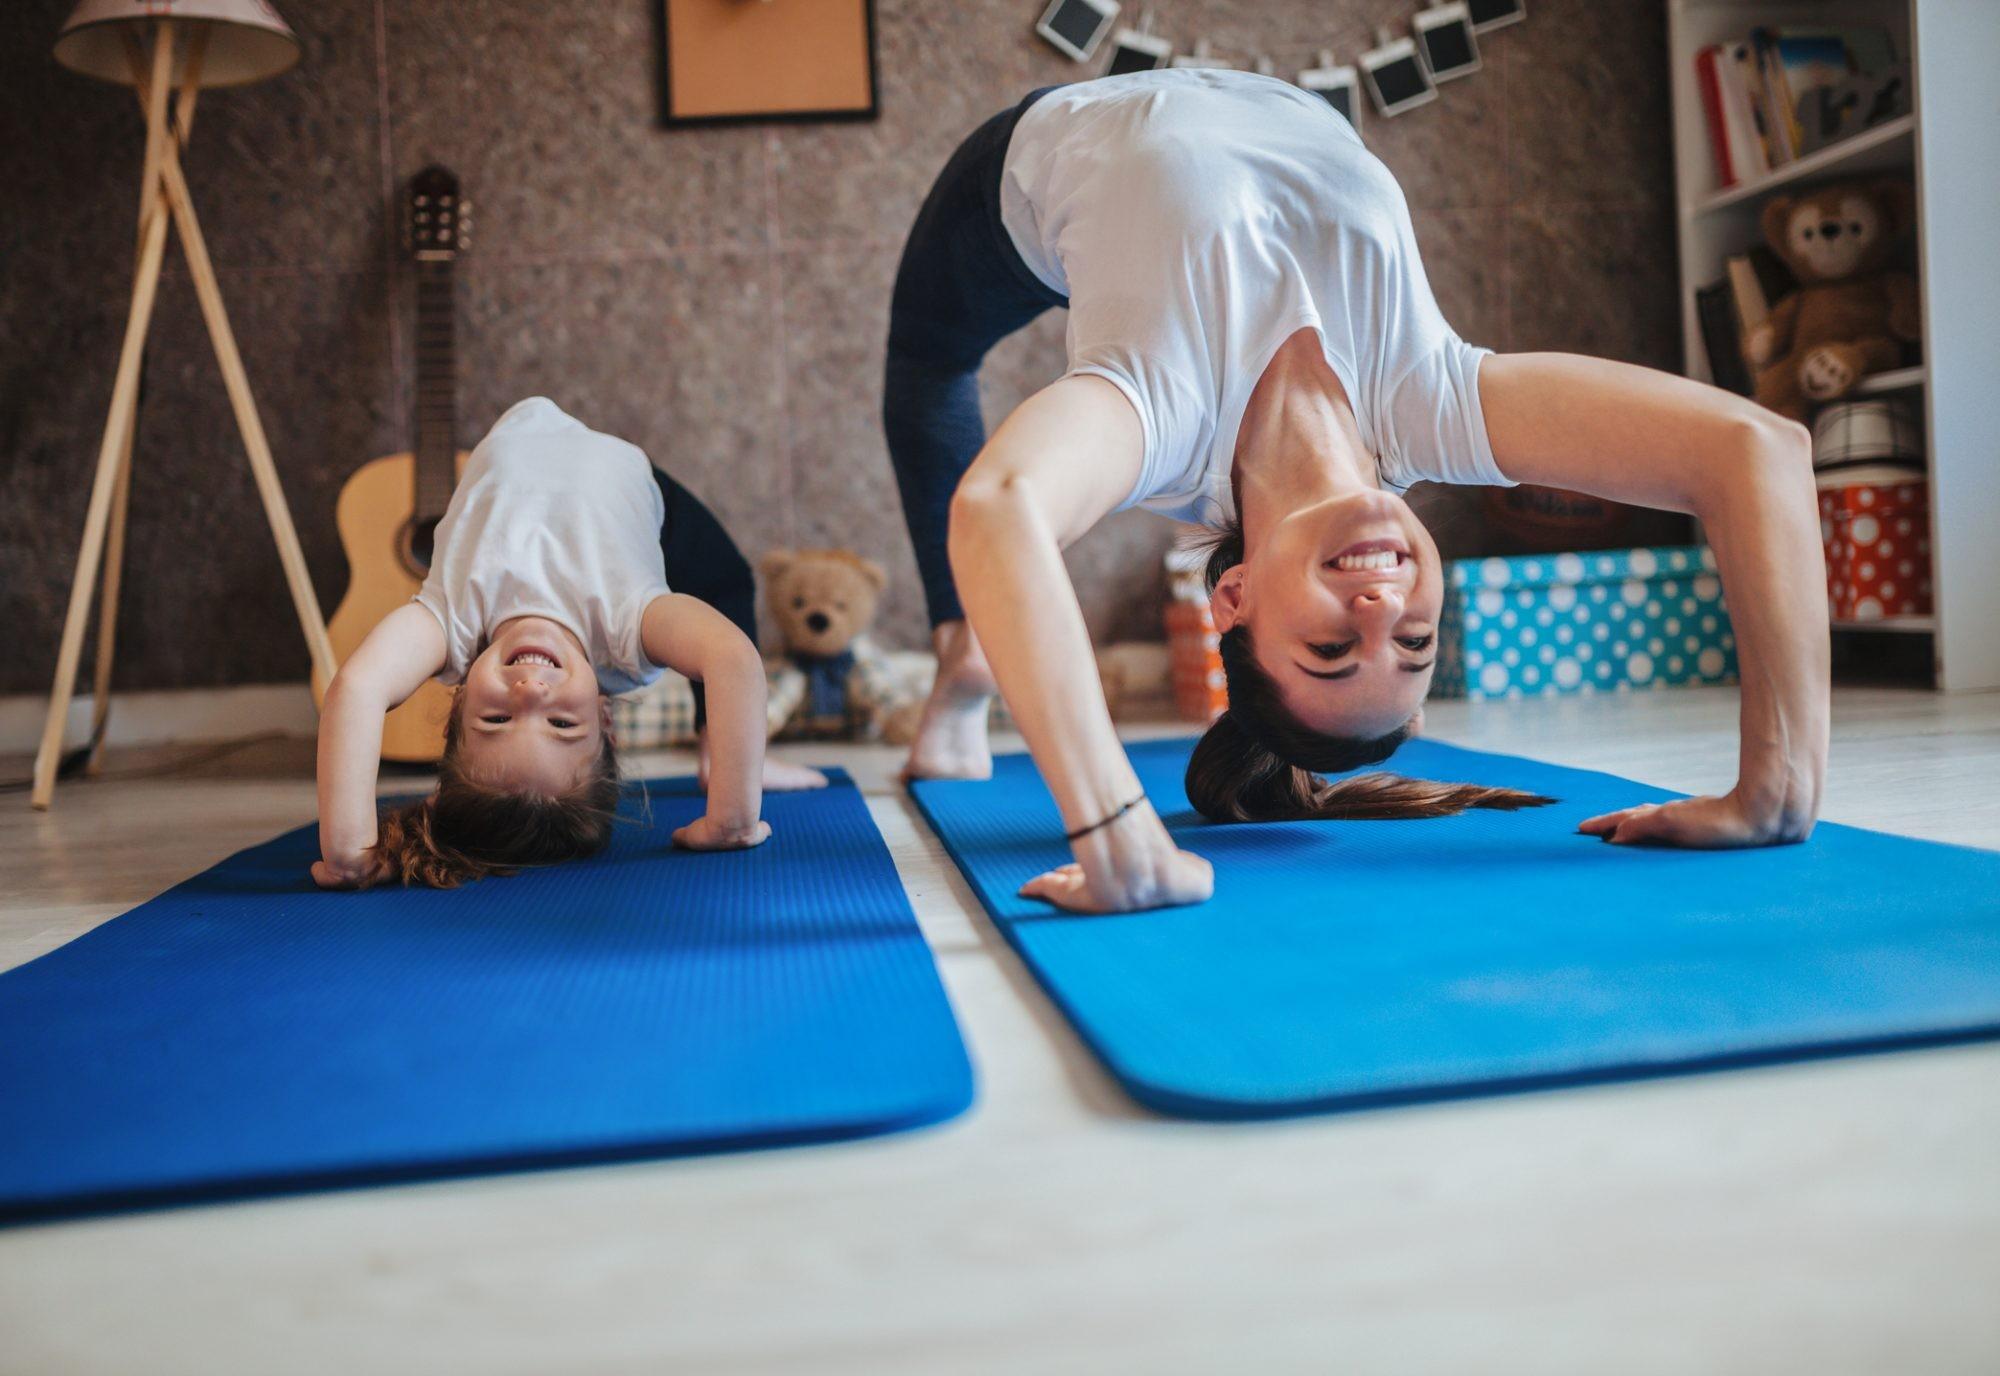 تمارين لتقوية العضلات للأطفال - تمرين الضغط والرفع